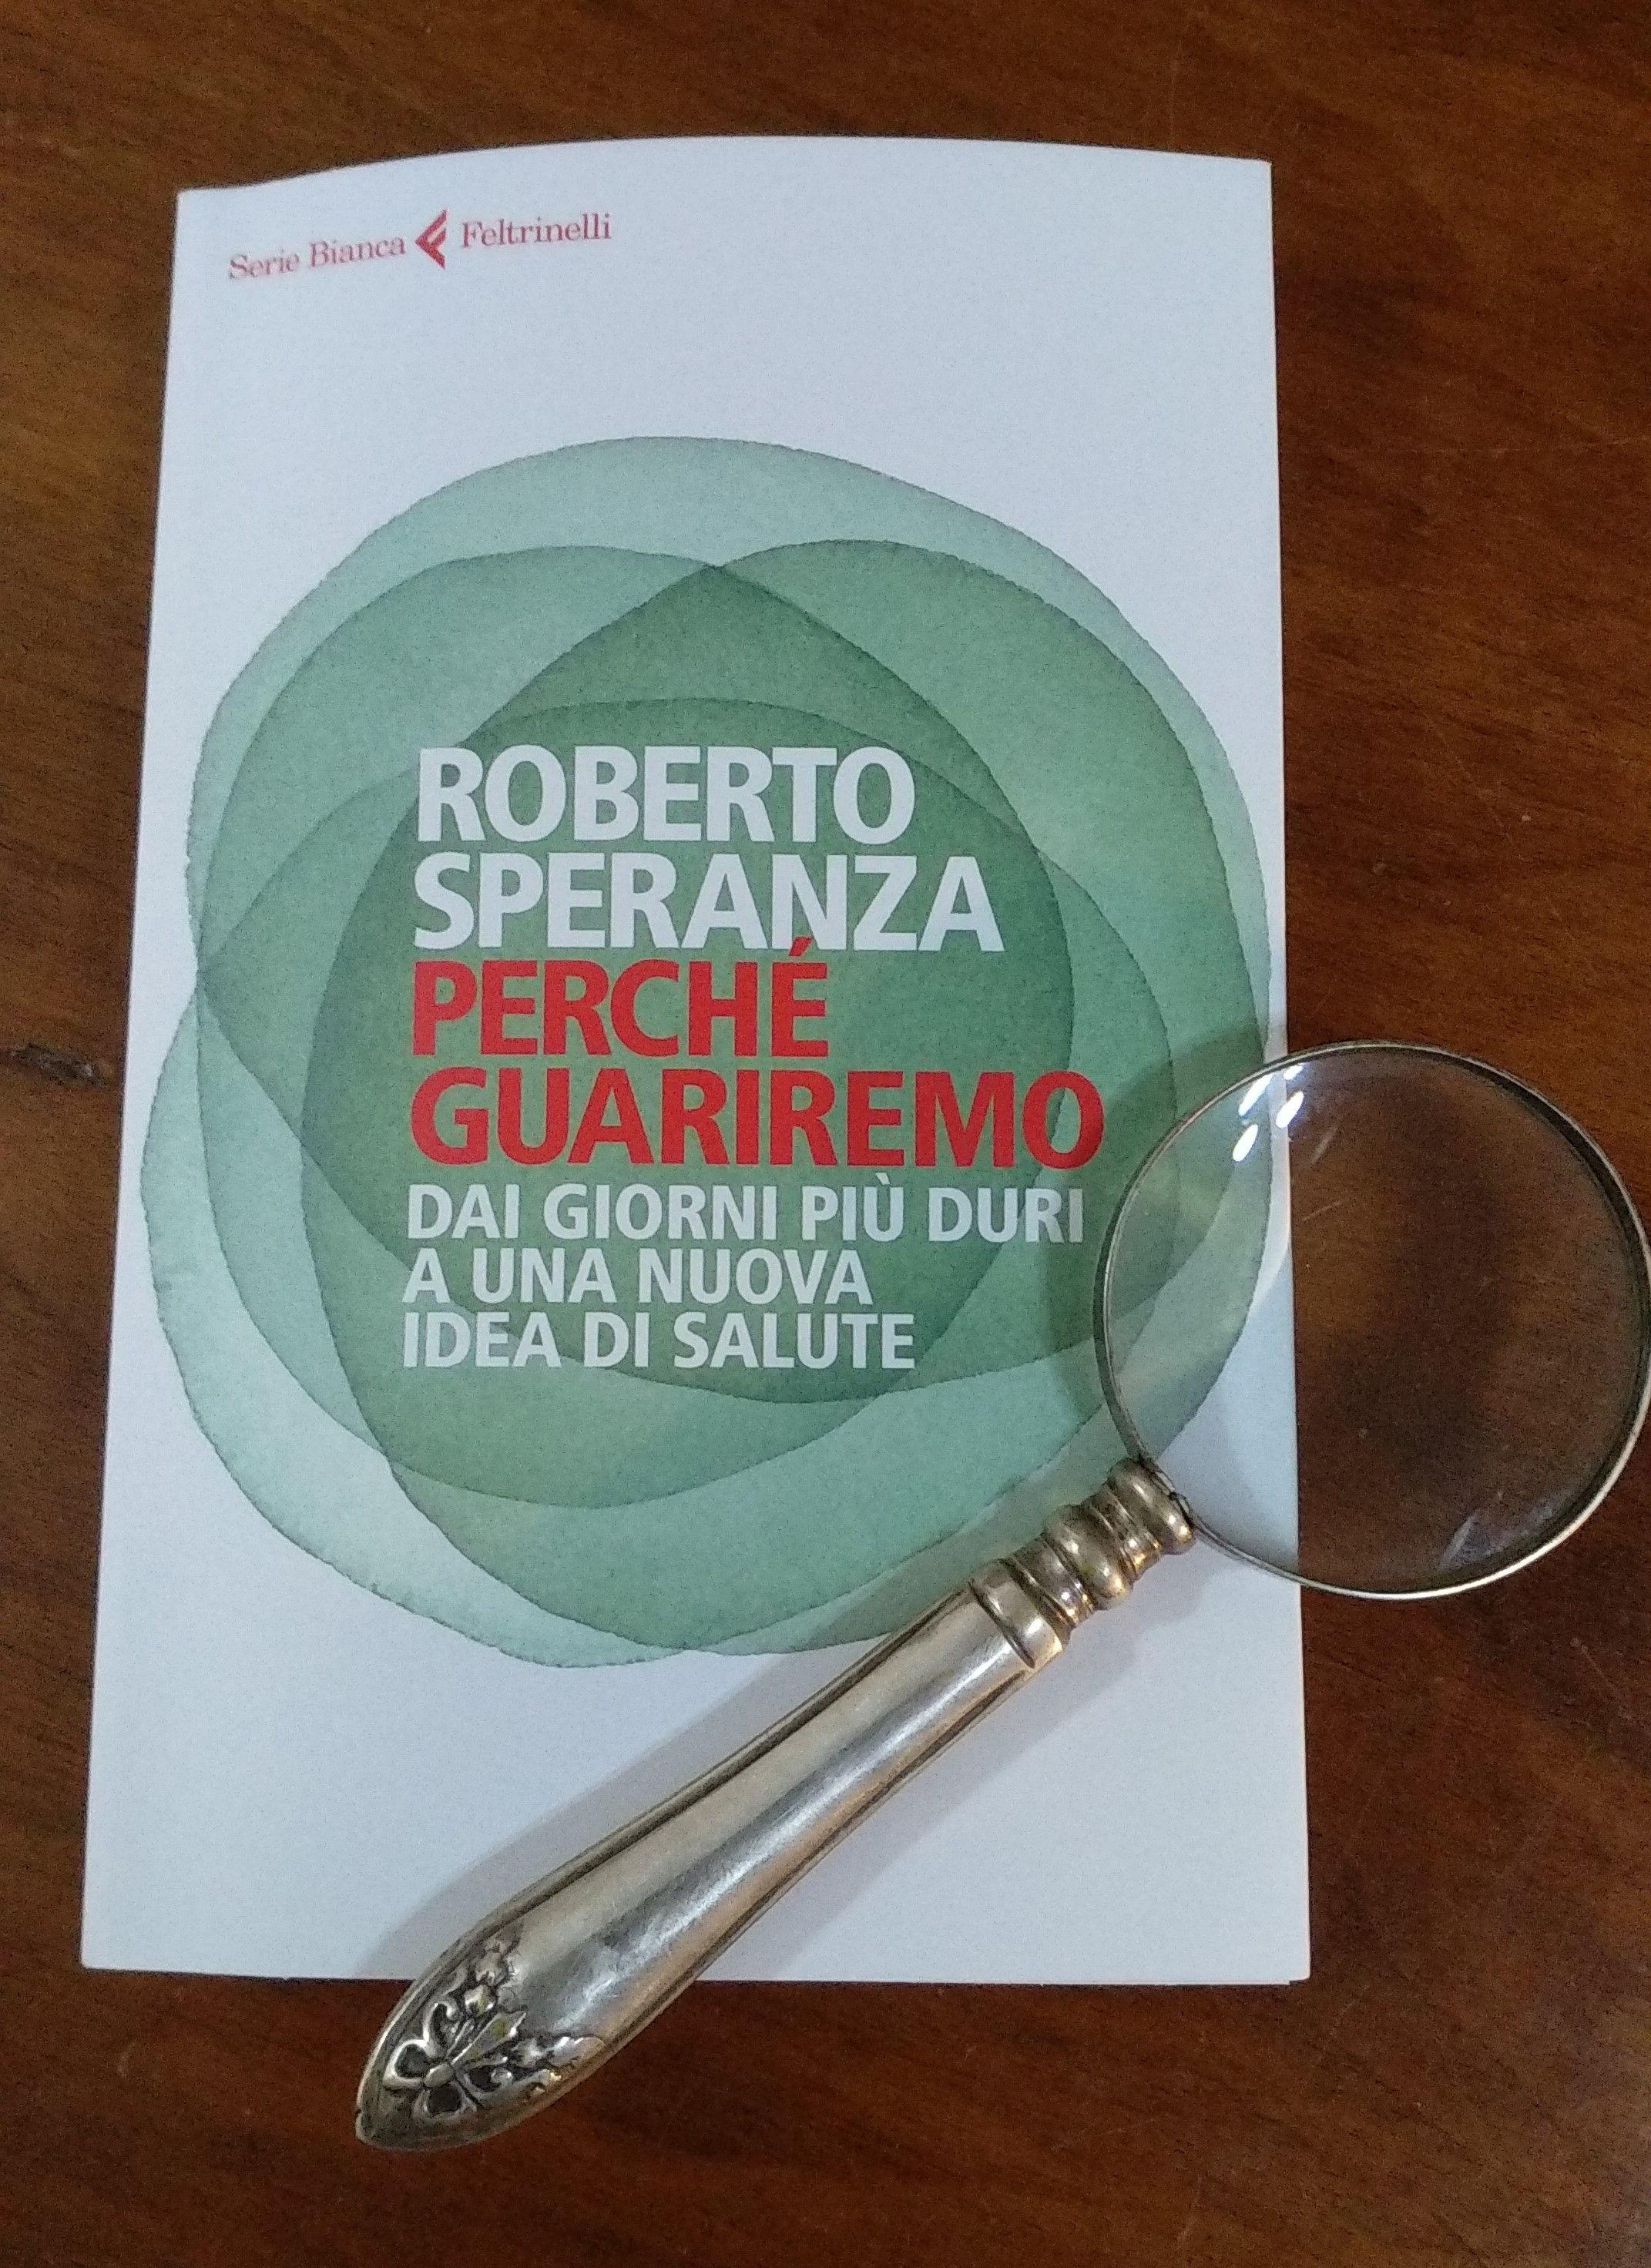 """Su ebay è il caos: vendute oltre trenta copie di """"Perché guariremo"""" di Roberto Speranza in 48 h – da dove vengono tutte queste copie?"""